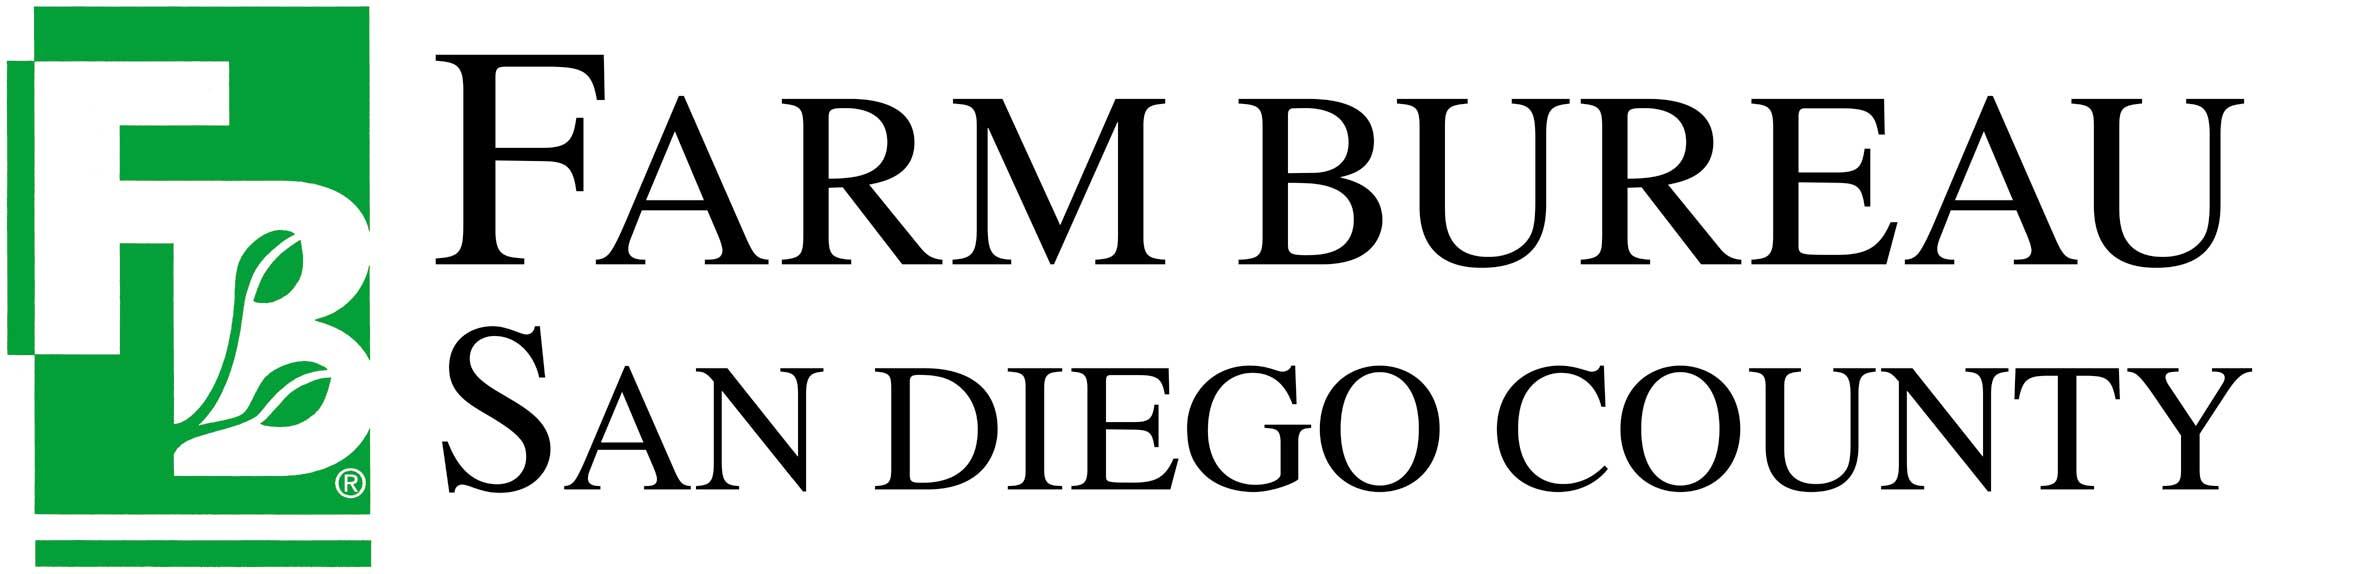 The San Diego County Farm Bureau